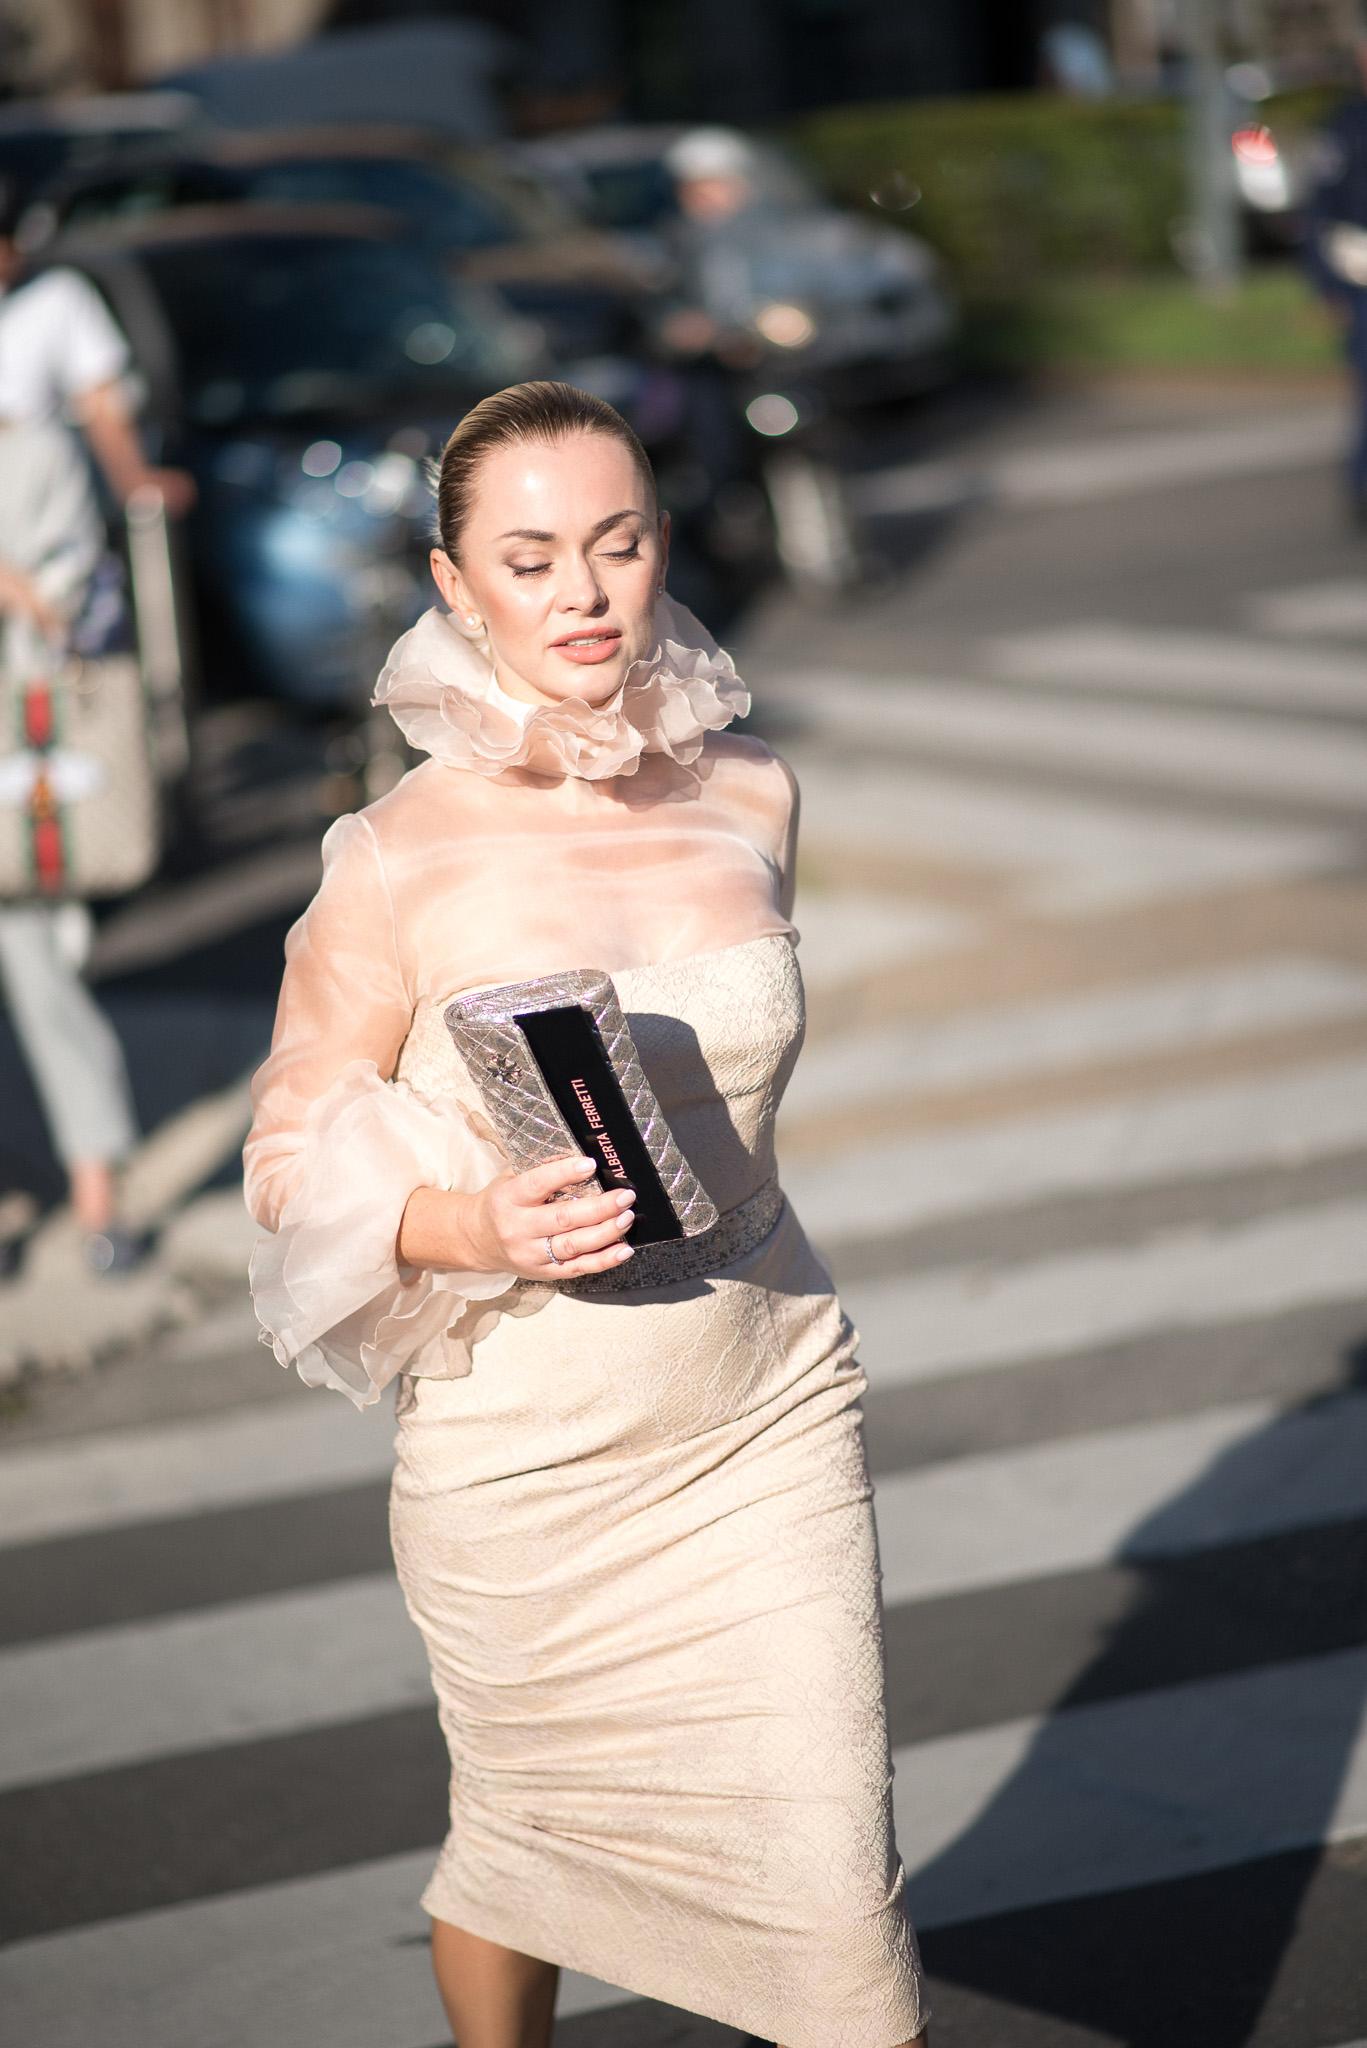 Larisa Kazak Alberta Ferretti Milan Fashion Week September 2017 Photography Annika Lagerqvist www.annikasomething.com